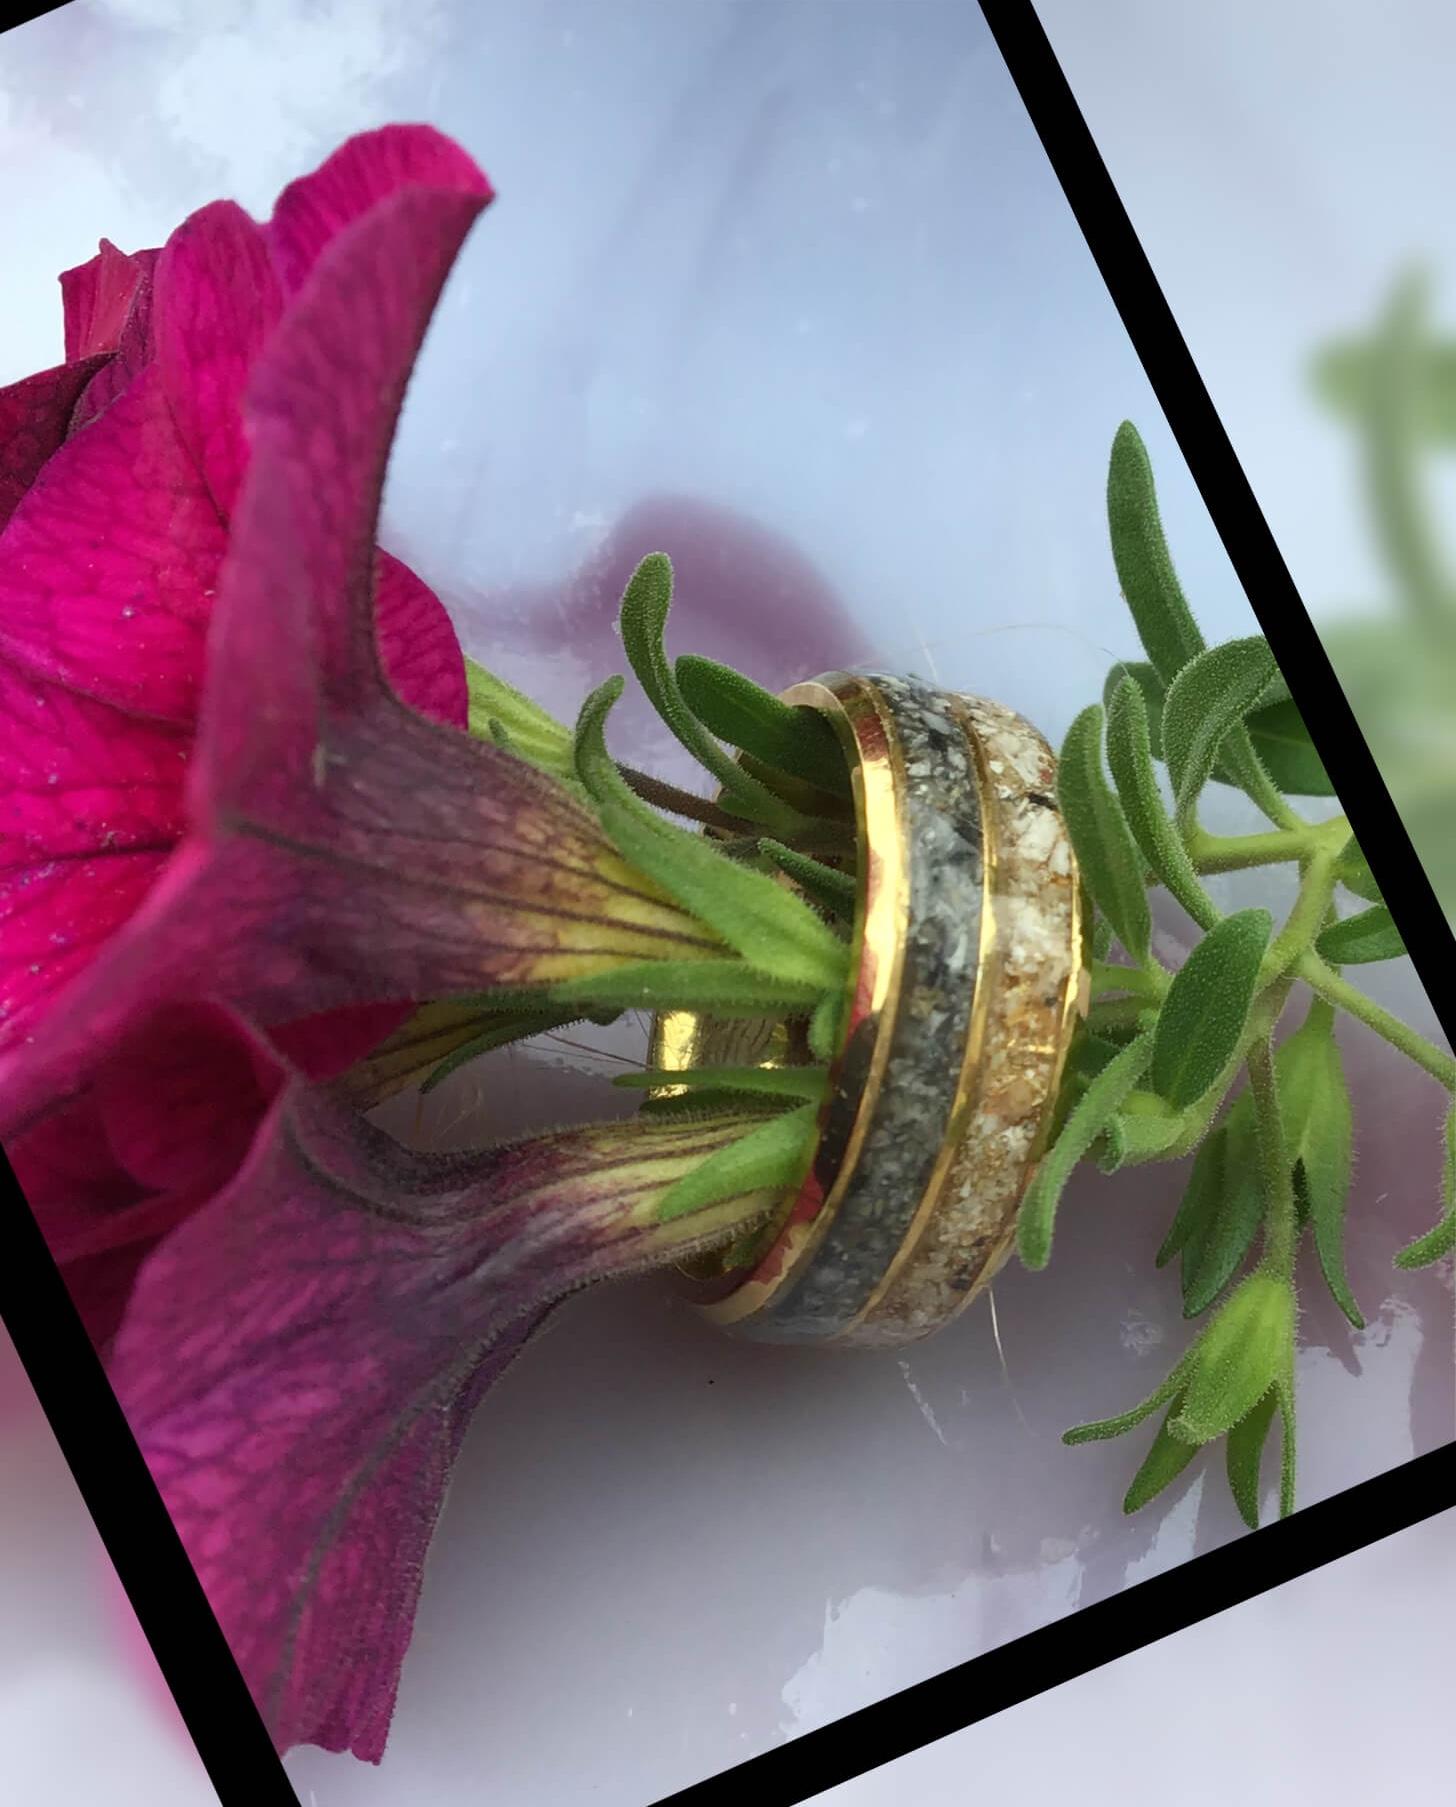 Edelstahl Ring doppelte Band Mit Gravur ca 4 cm in Edelstahl * 79,50 Alle angegebenen Preise sind Gesamtpreise (ggf. zzgl. Versandkosten).